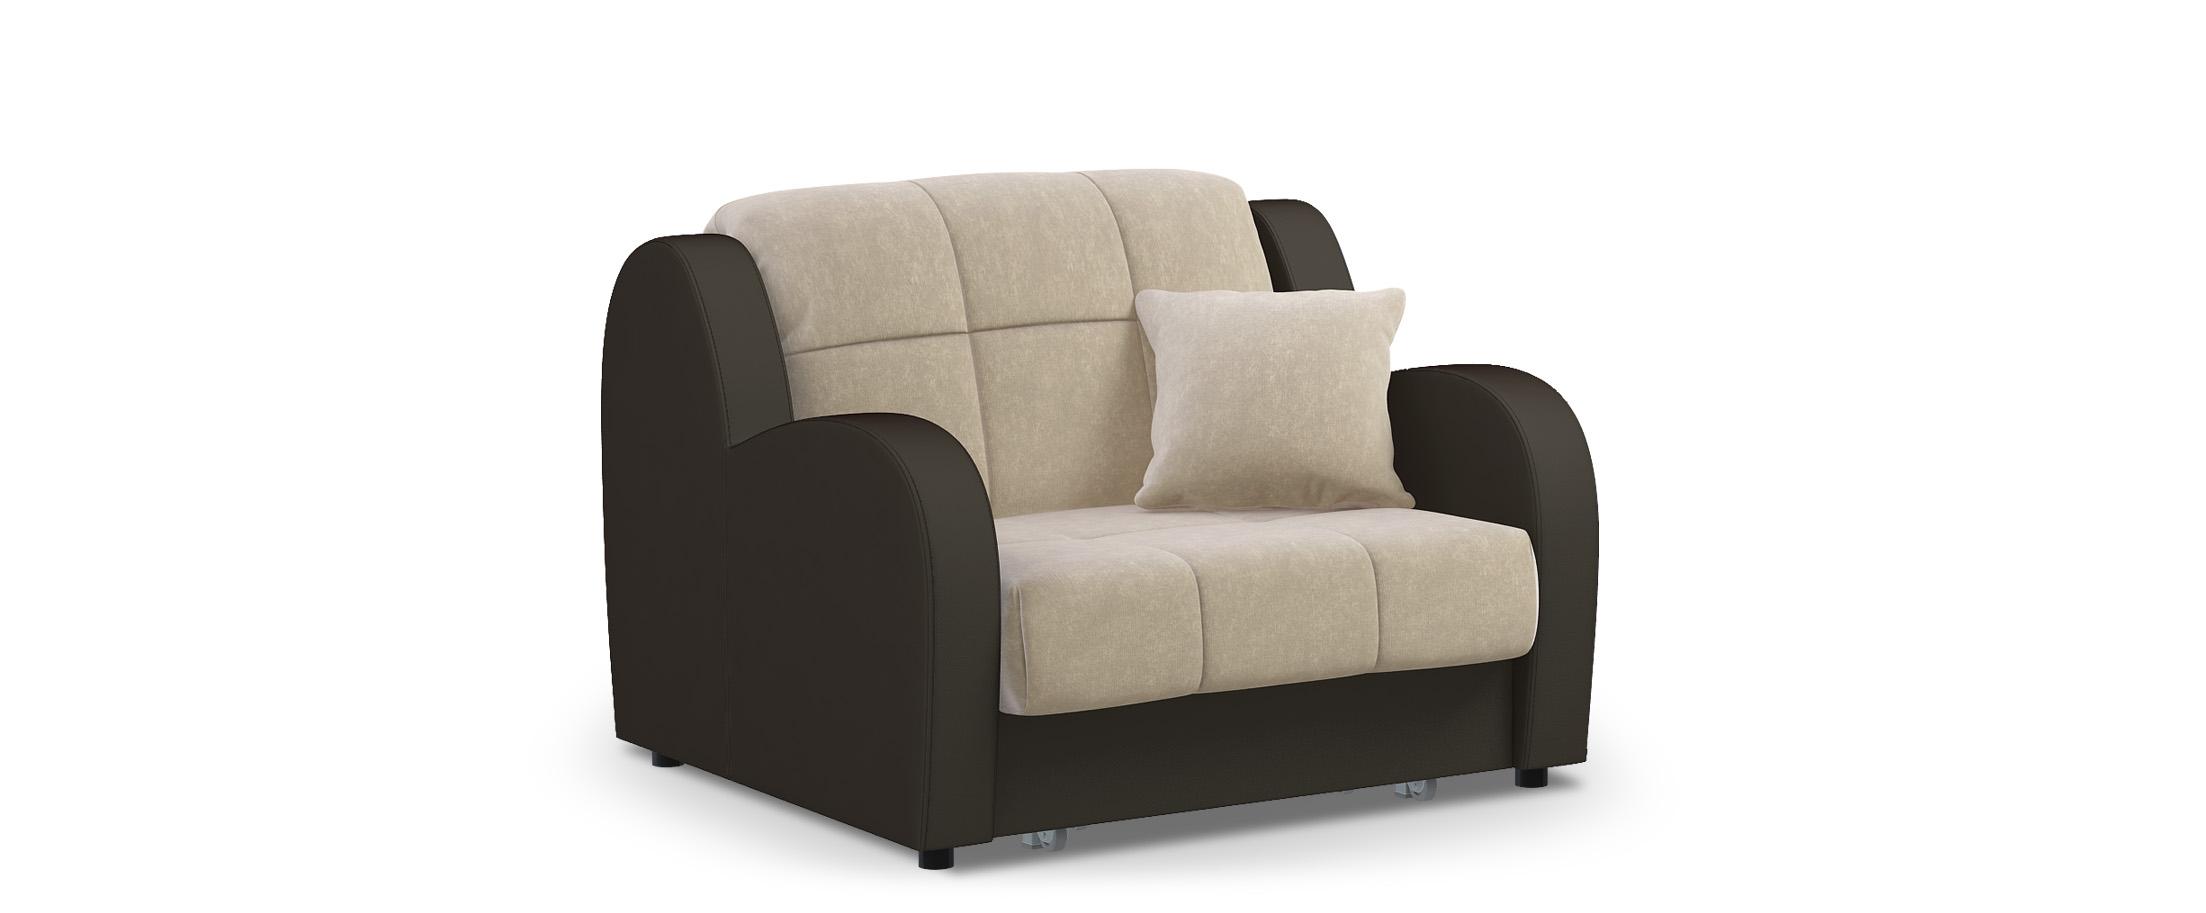 Кресло раскладное Барон 022Купить бежевое кресло-кровать Барон 022. Доставка от 1 дня. Подъём, сборка, вынос упаковки. Гарантия 18 месяцев. Интернет-магазин мебели MOON-TRADE.RU. Артикул: 001688.<br><br>Ширина см: 113<br>Глубина см: 104<br>Высота см: 88<br>Ширина спального места см: 88<br>Глубина спального места см: 204<br>Глубина посадочного места см: 60<br>Механизм: Аккордеон<br>Код ткани: 74-1, 36-123<br>Цвет: Бежевый<br>Материал: Велюр, Экокожа<br>Каркас: Металлокаркас<br>Основание: Берёзовые латы<br>Мягкий настил: ППУ<br>Жёсткость: Жёсткий<br>Чехол: Съёмный